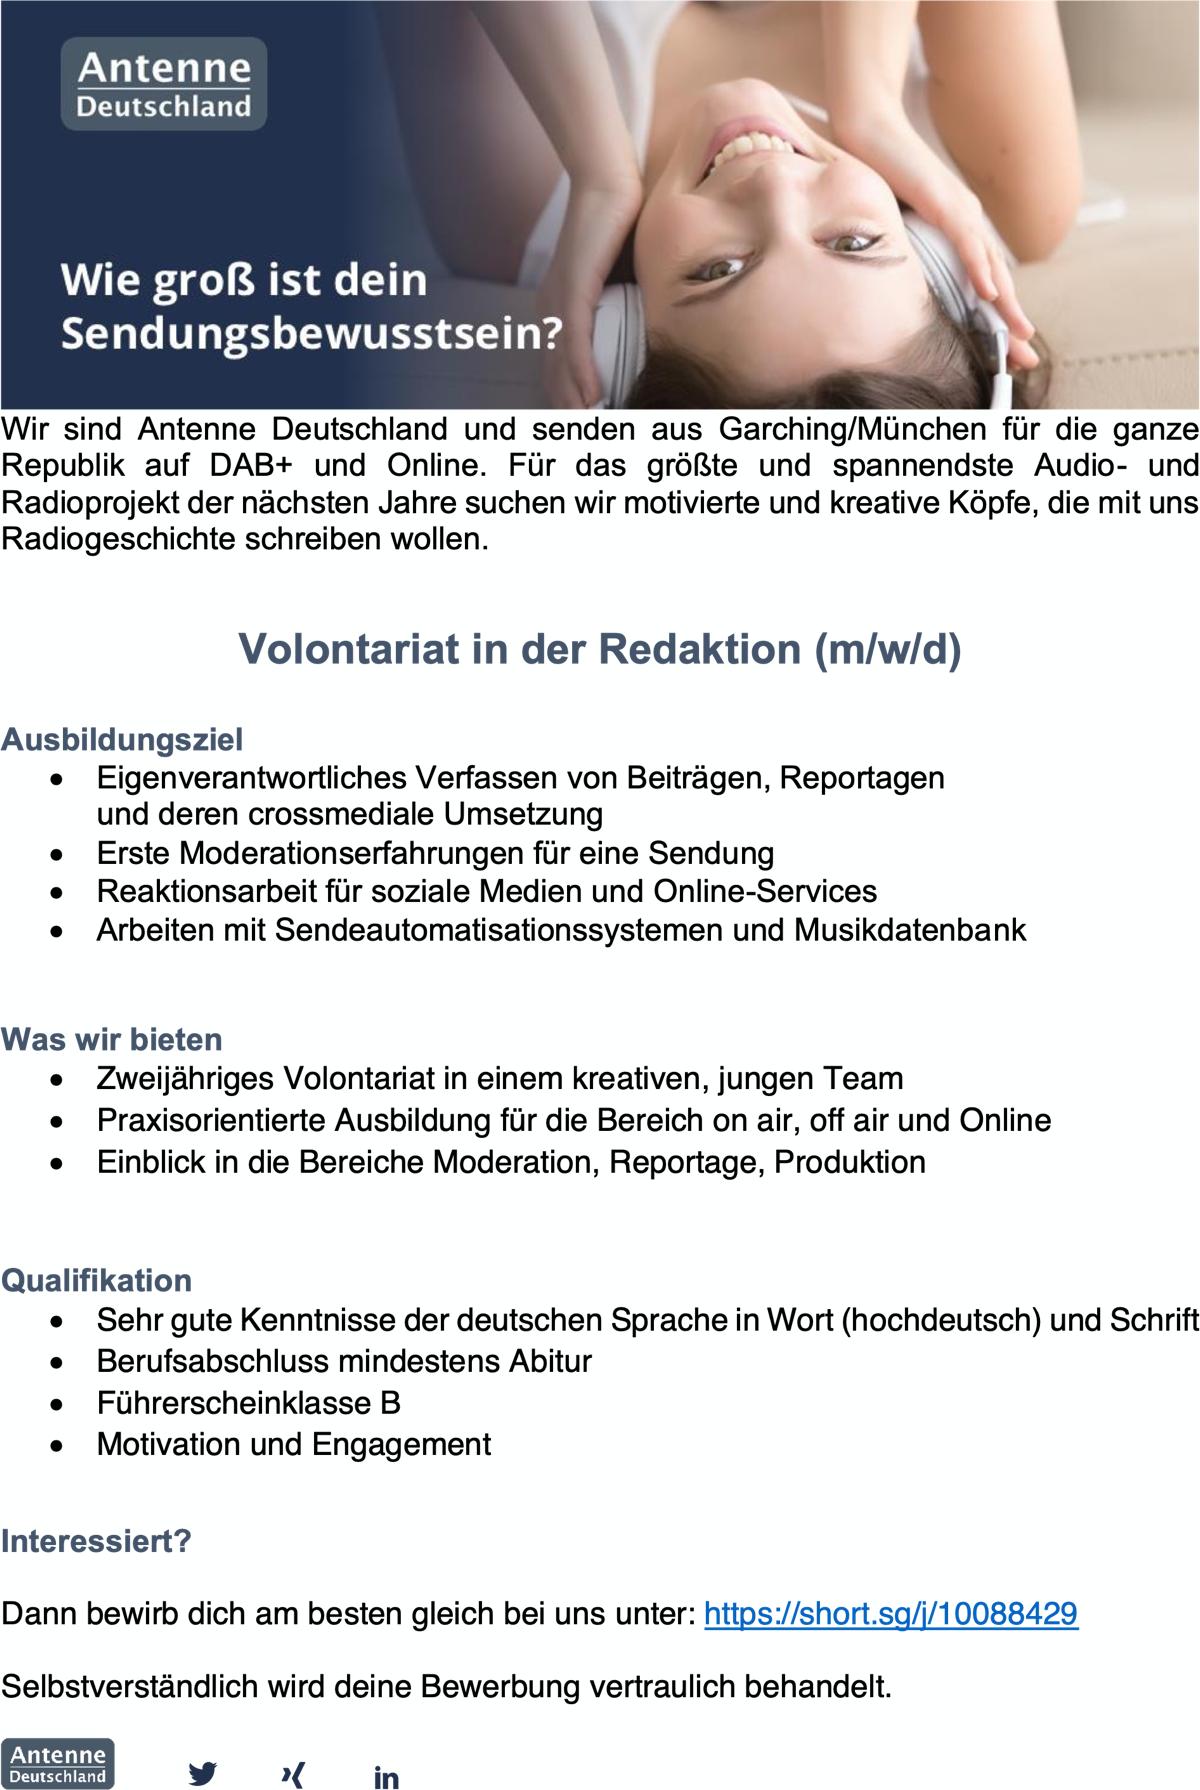 Antenne Deutschland bietet Volontariat in der Redaktion (m/w/d)